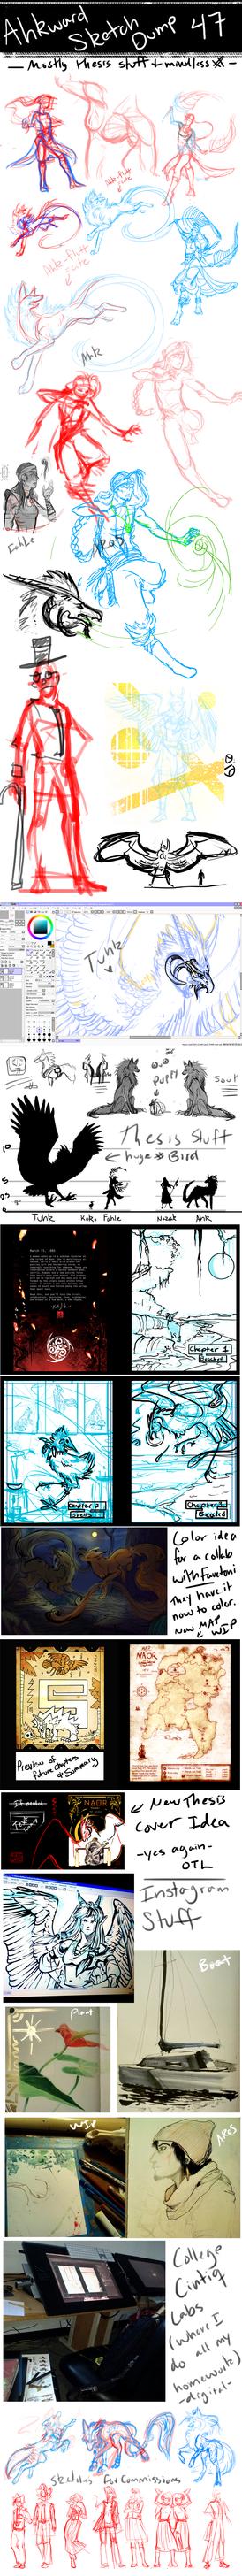 Sketchdump 47: Things by Ahkward